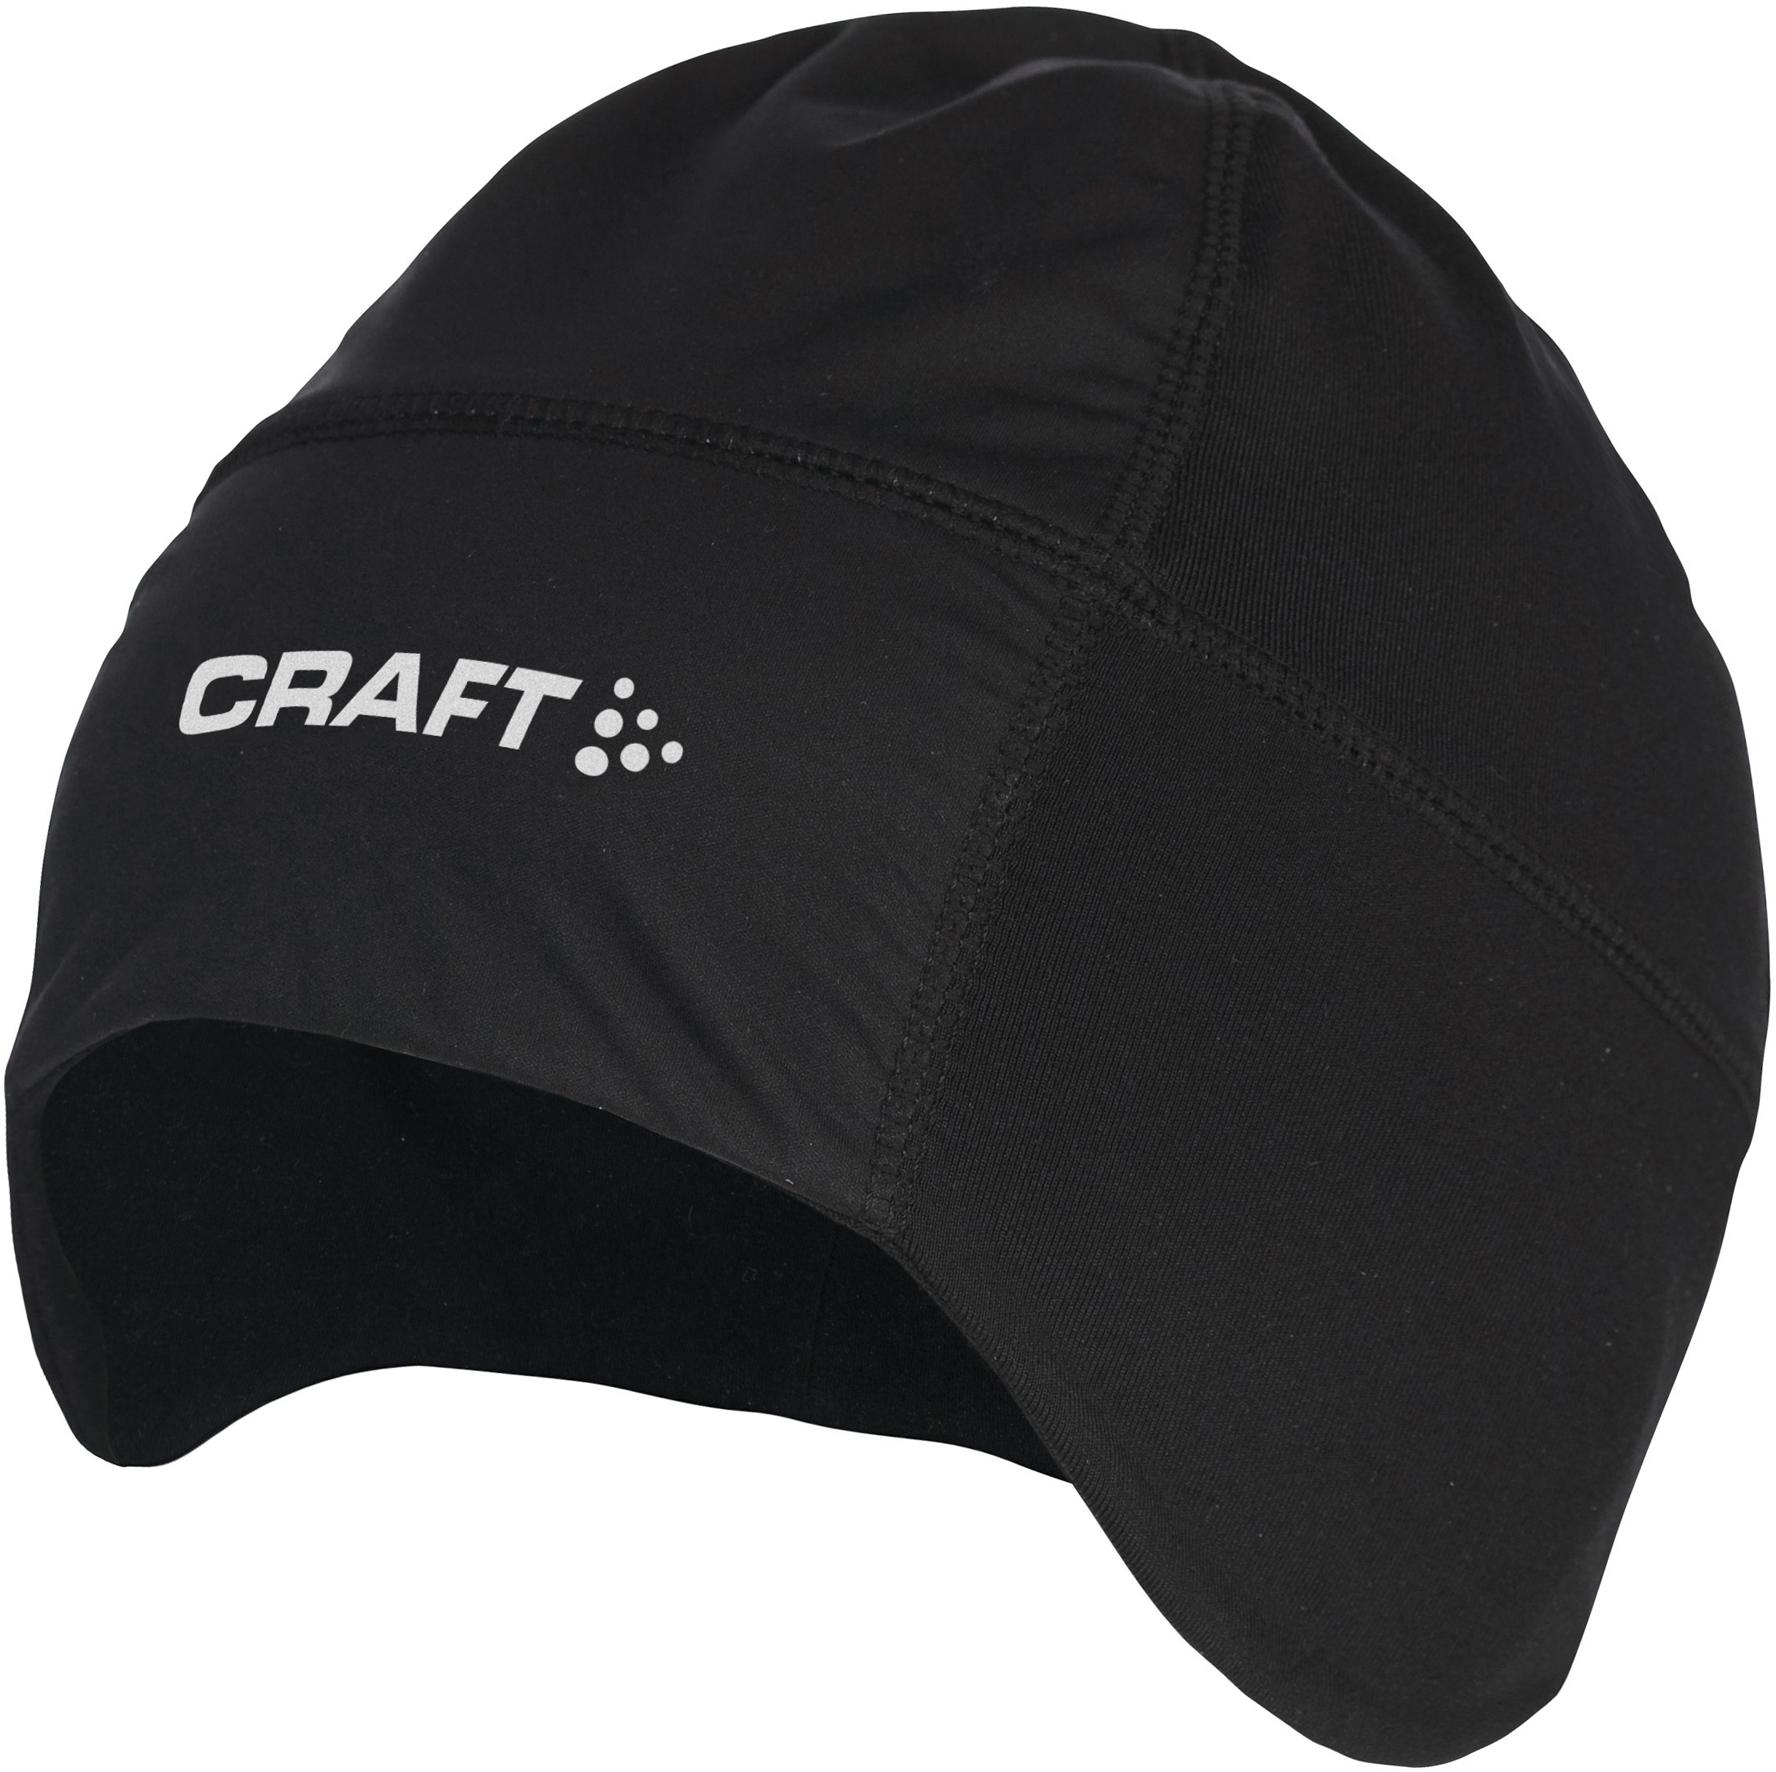 12c7b4b13ec6 Craft Winter Hat - Unisex